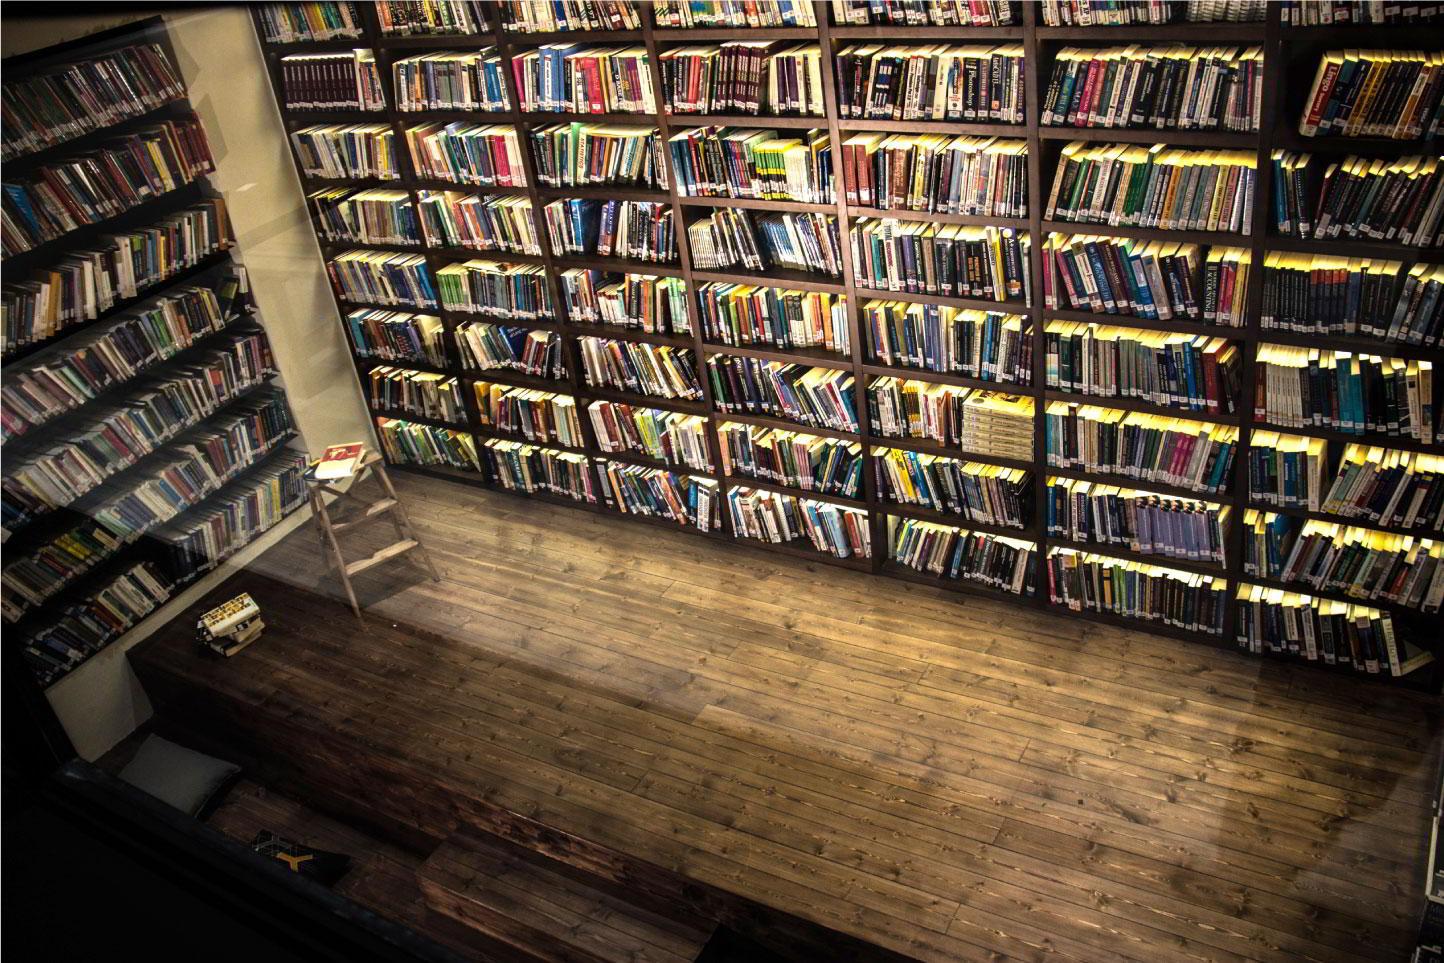 Βιβλιοθήκη aegean college